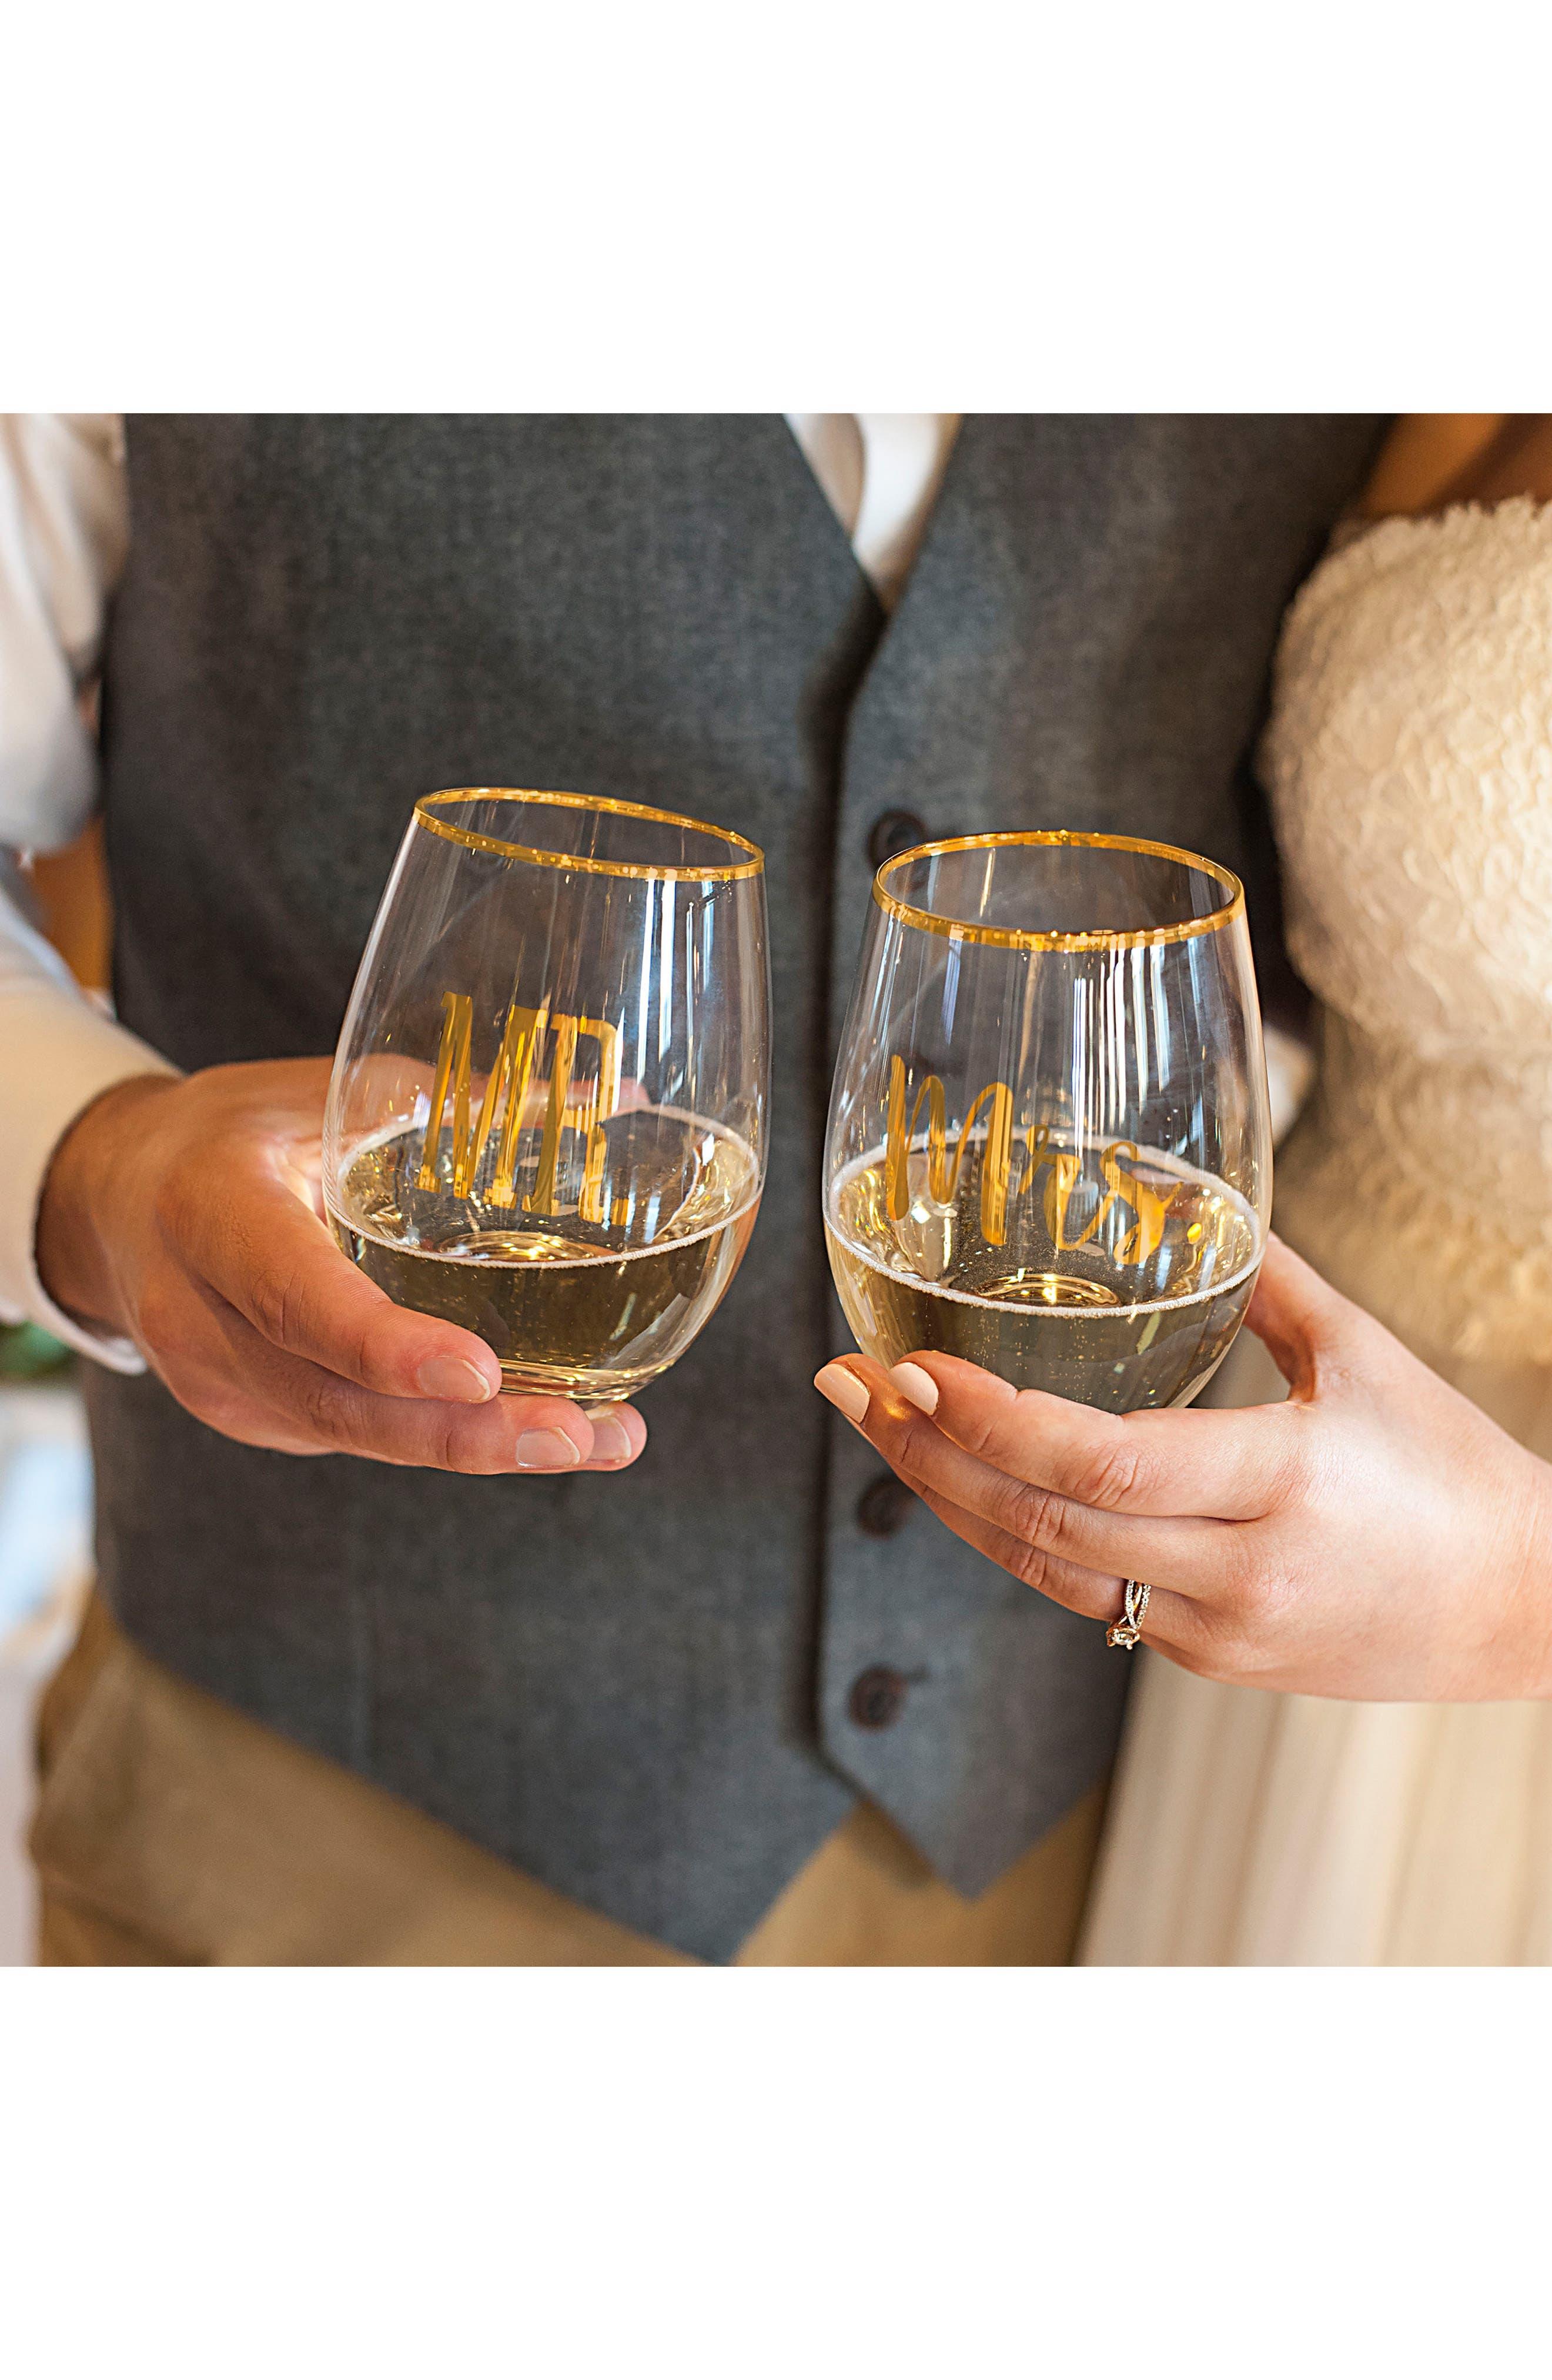 Mr. & Mrs. Set of 2 Stemless Wine Glasses,                             Alternate thumbnail 5, color,                             710